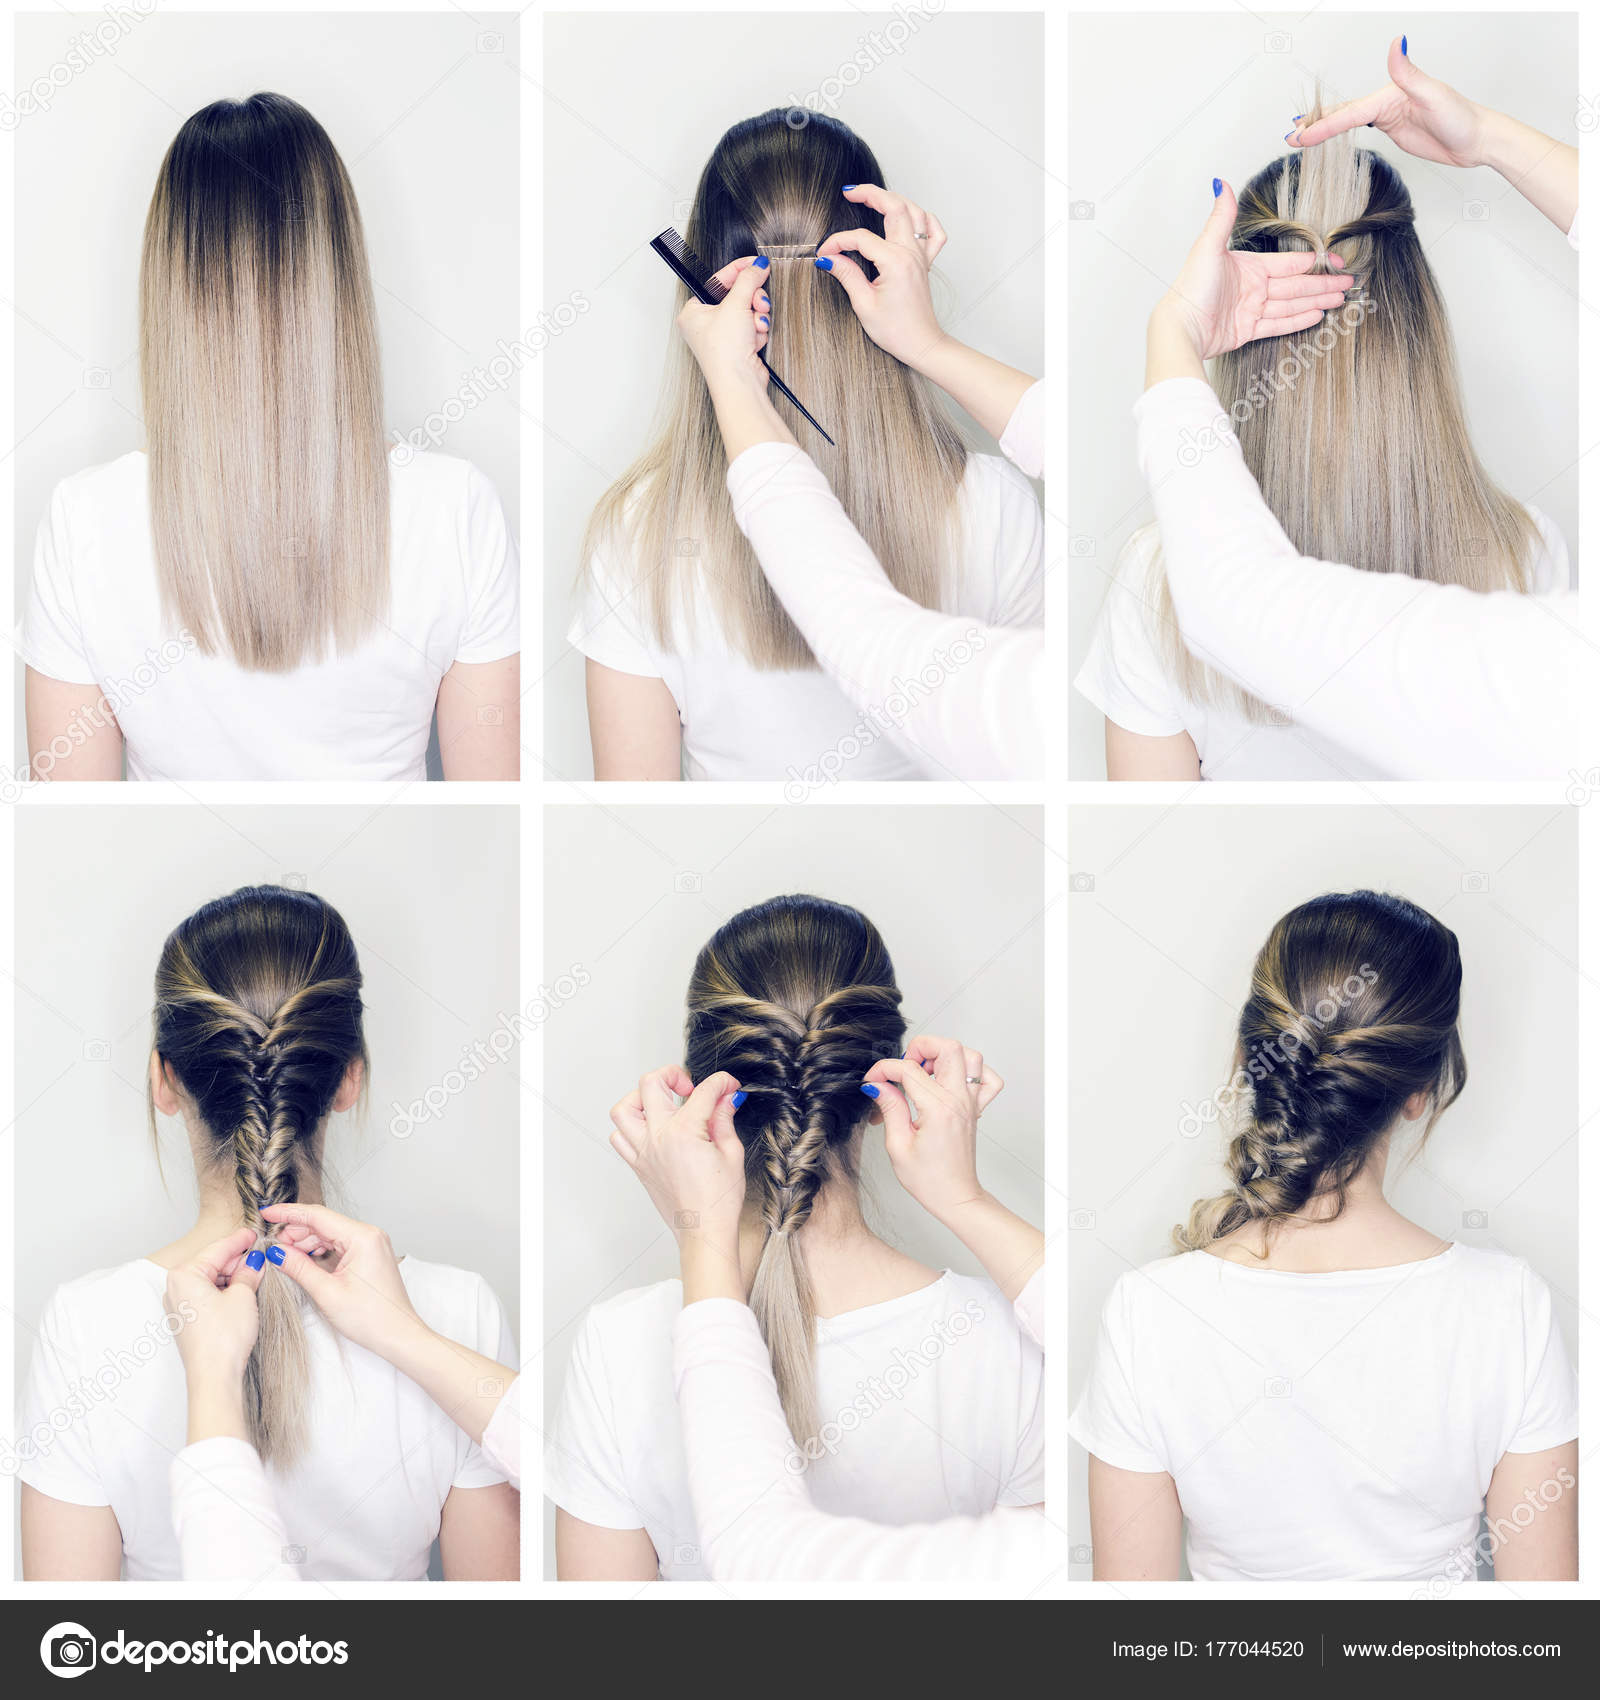 Einfache Frisur Volumen Zopf Auf Geraden Oder Lockiges Haar Frisur